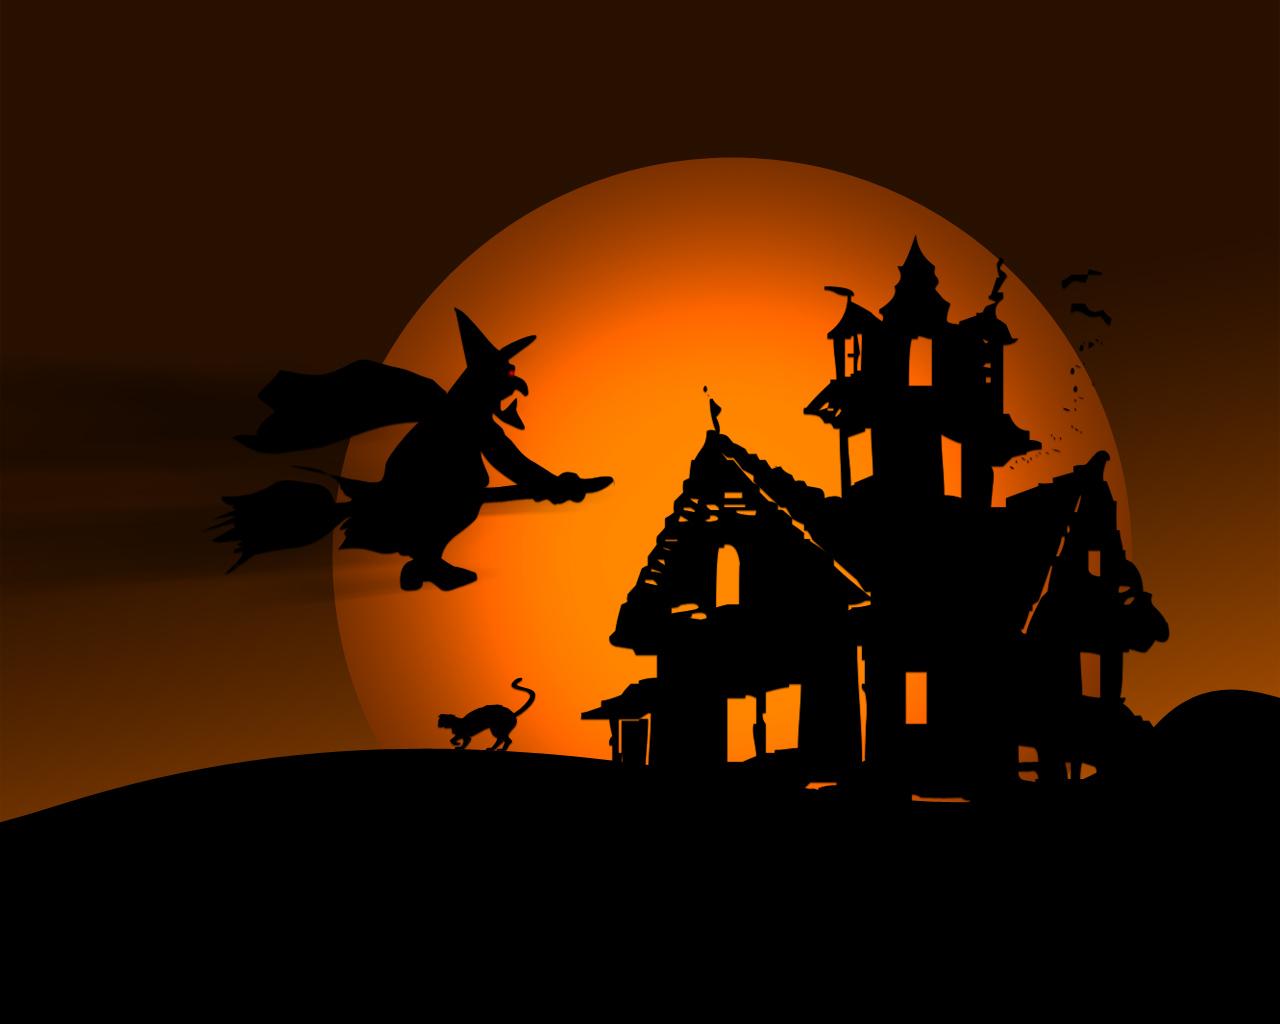 Halloween Desktop Wallpaper Costumes